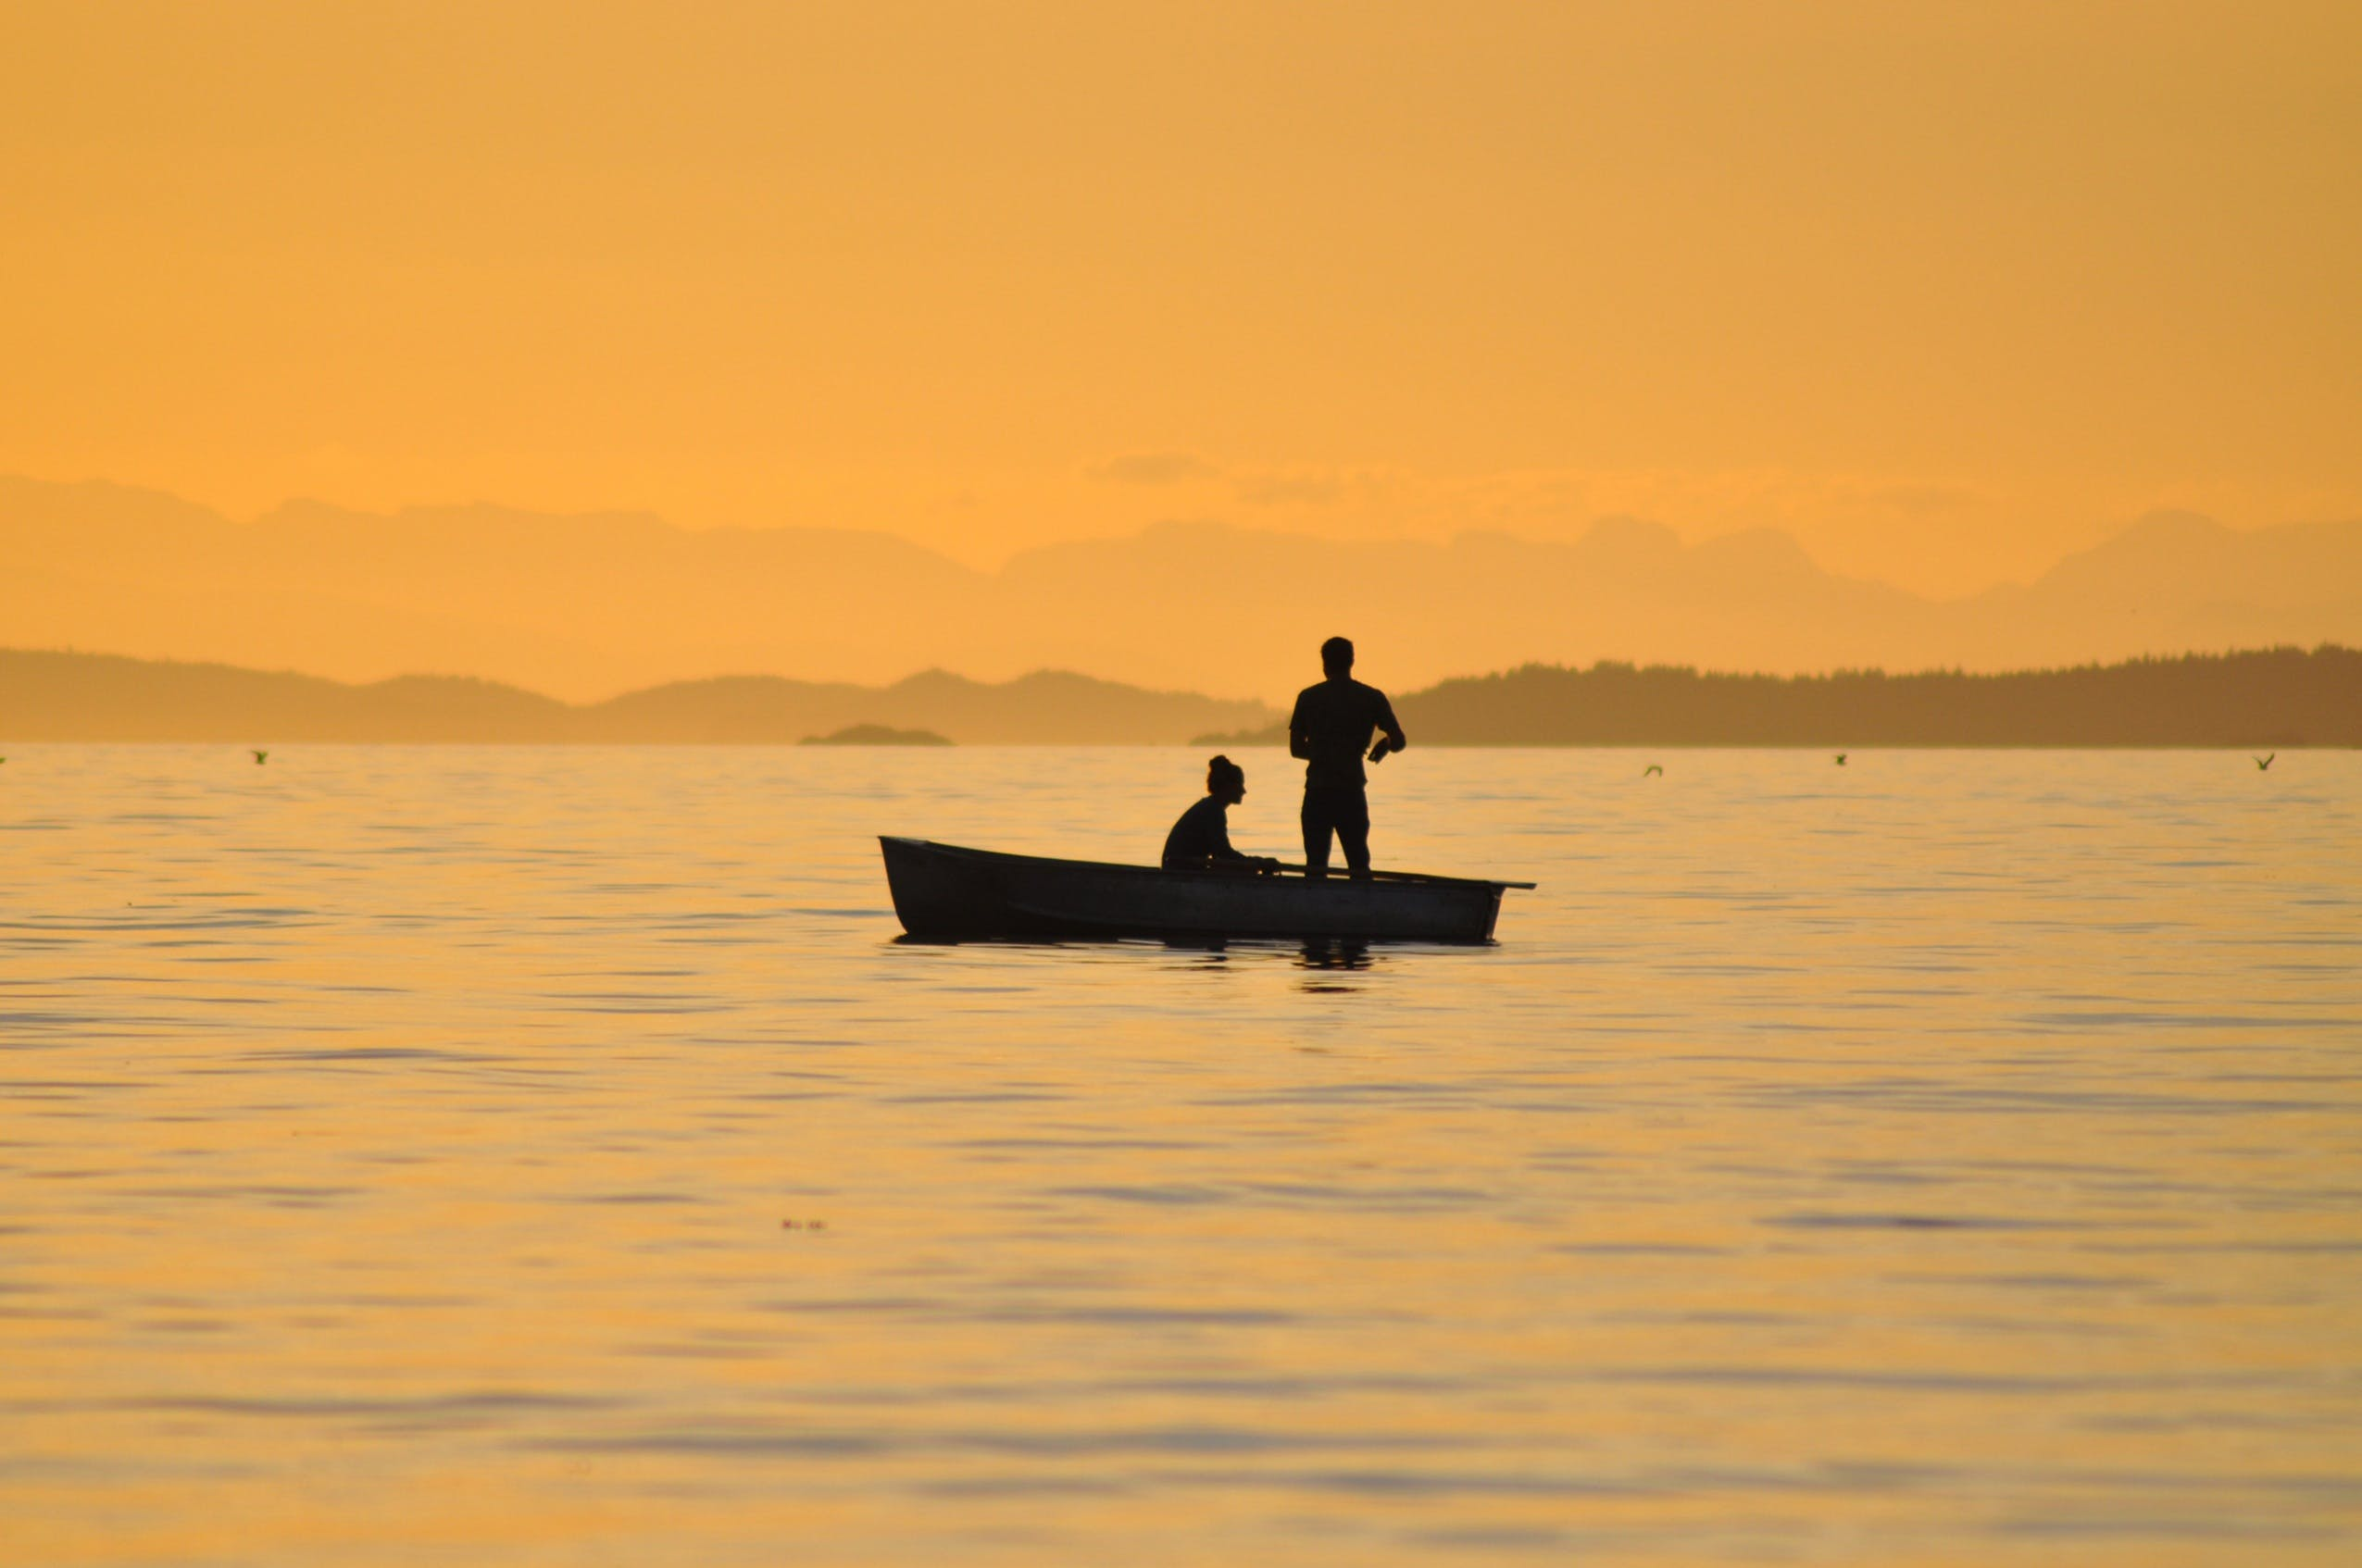 Kostenloses Stock Foto zu abend, angeln, boot, bootfahren